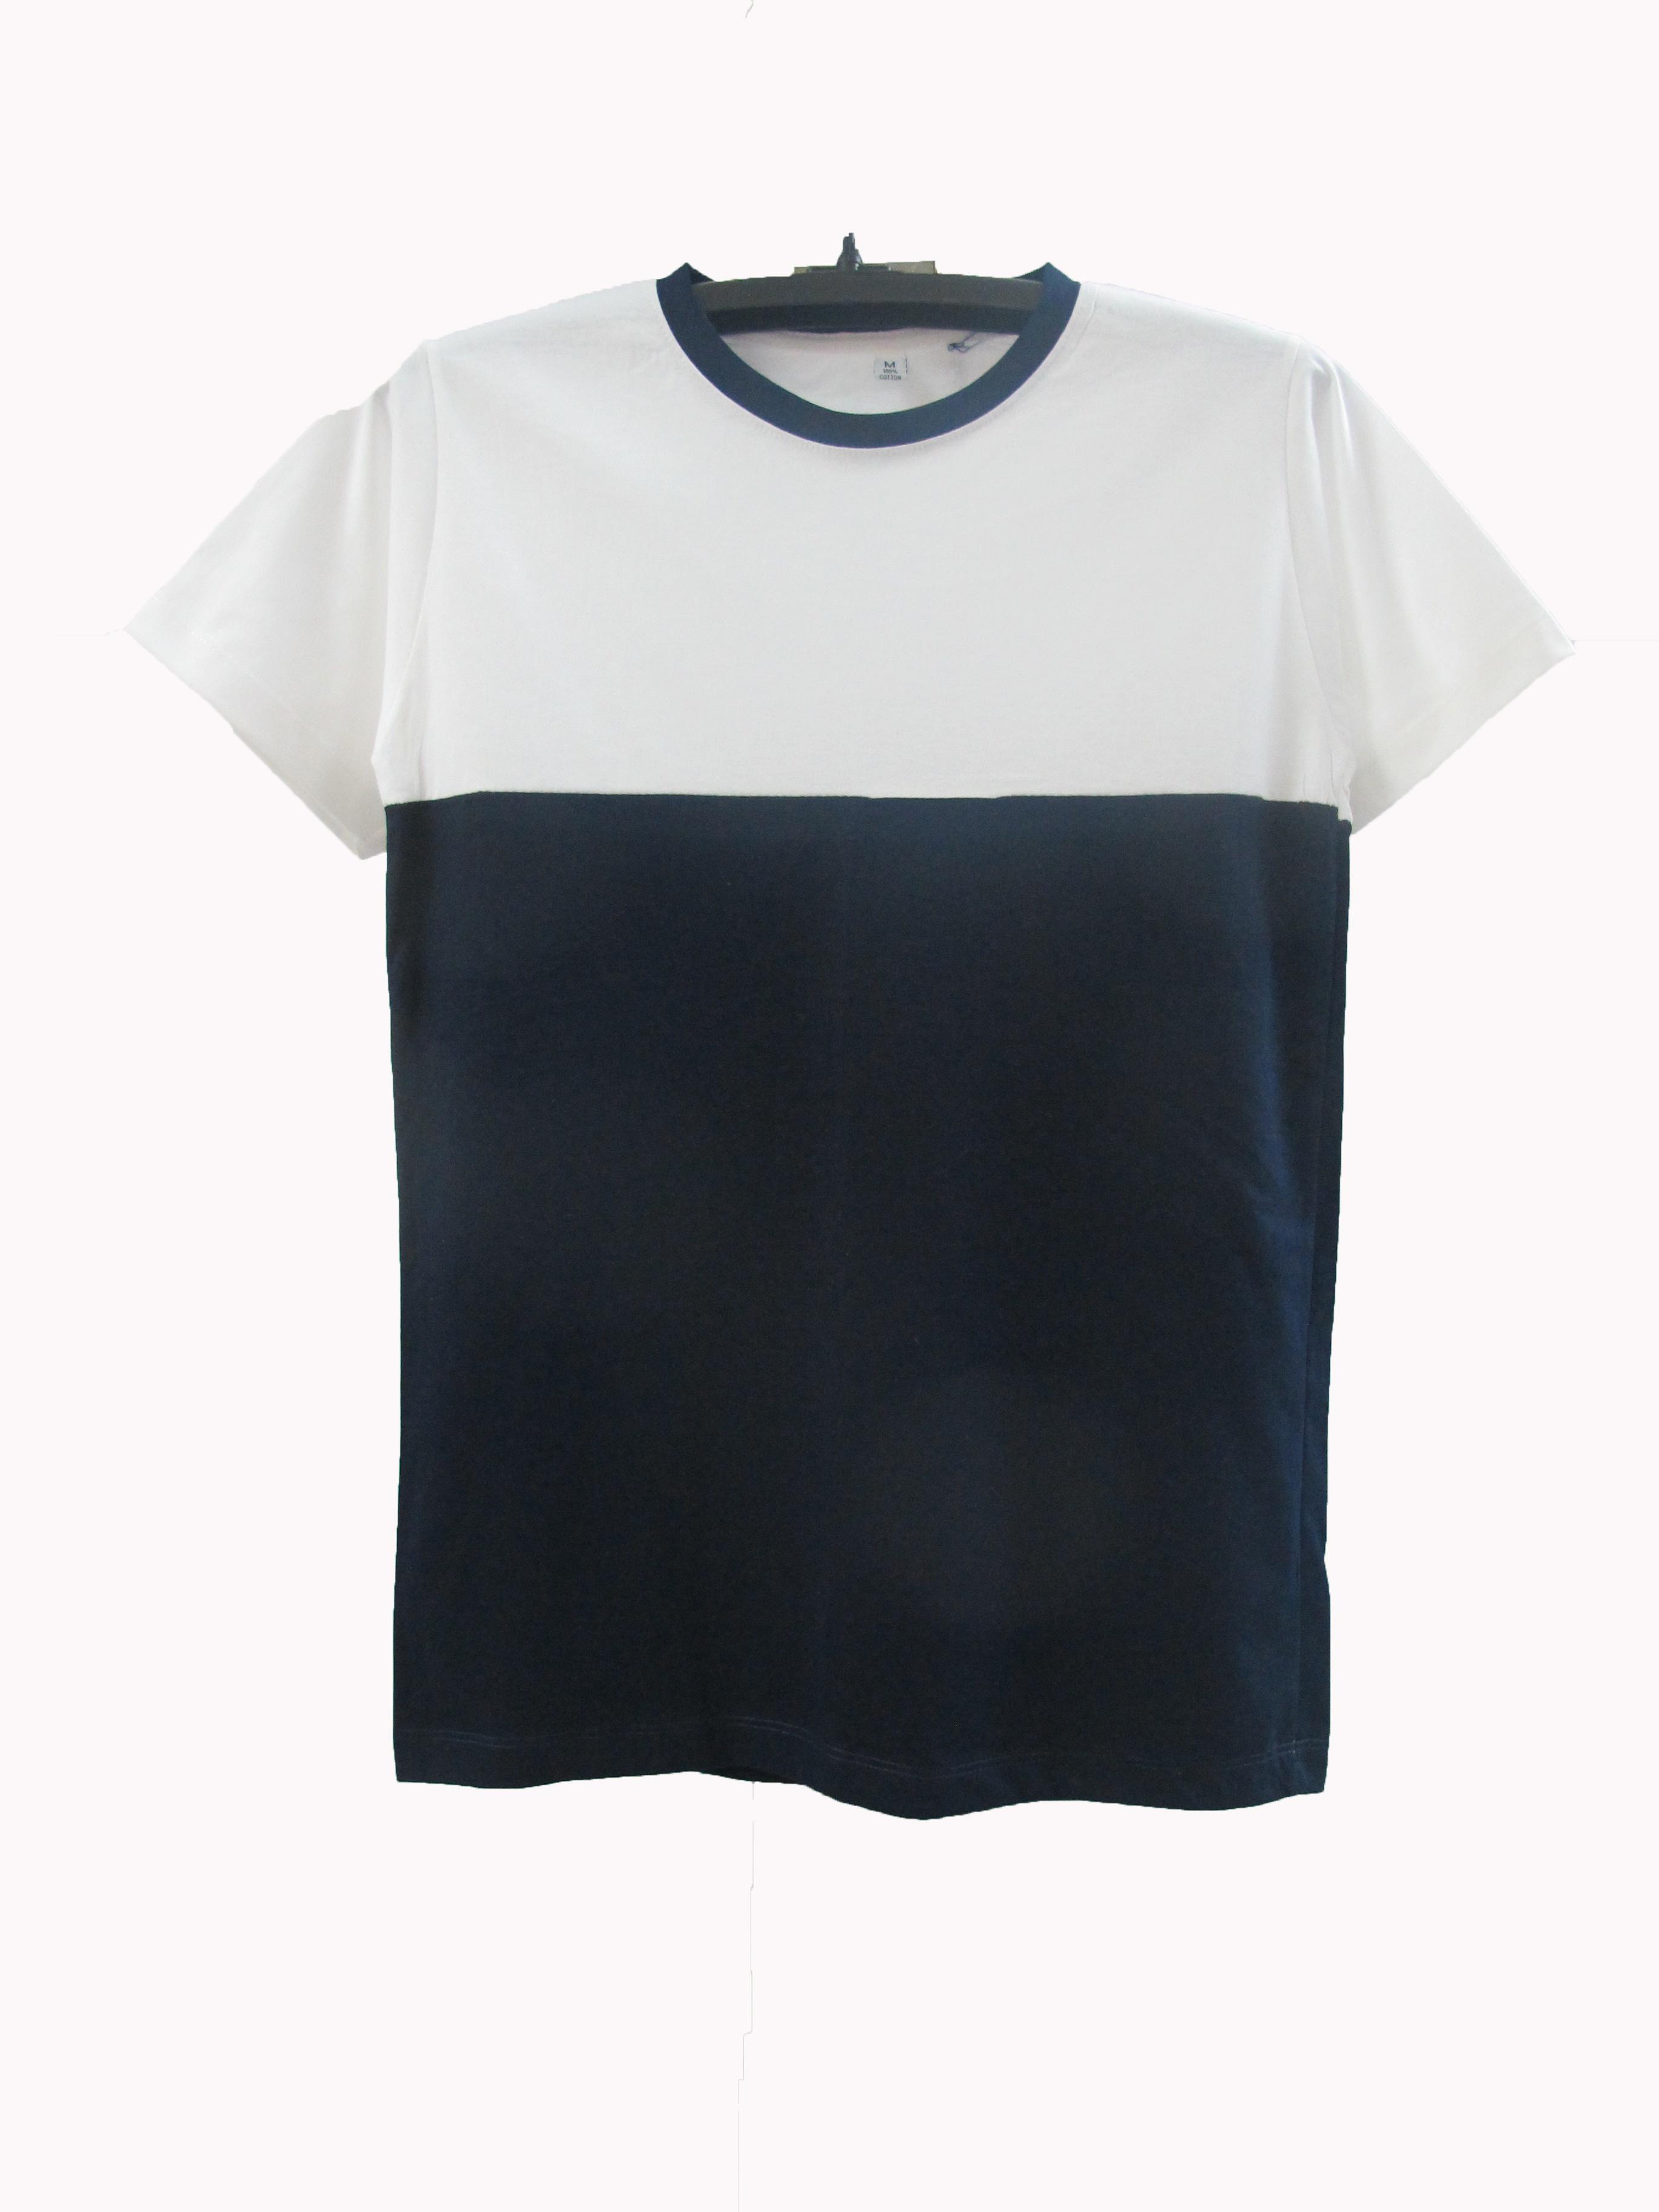 เสื้อตัดต่อข้างบนขาวข้างล่างสี สีกรม